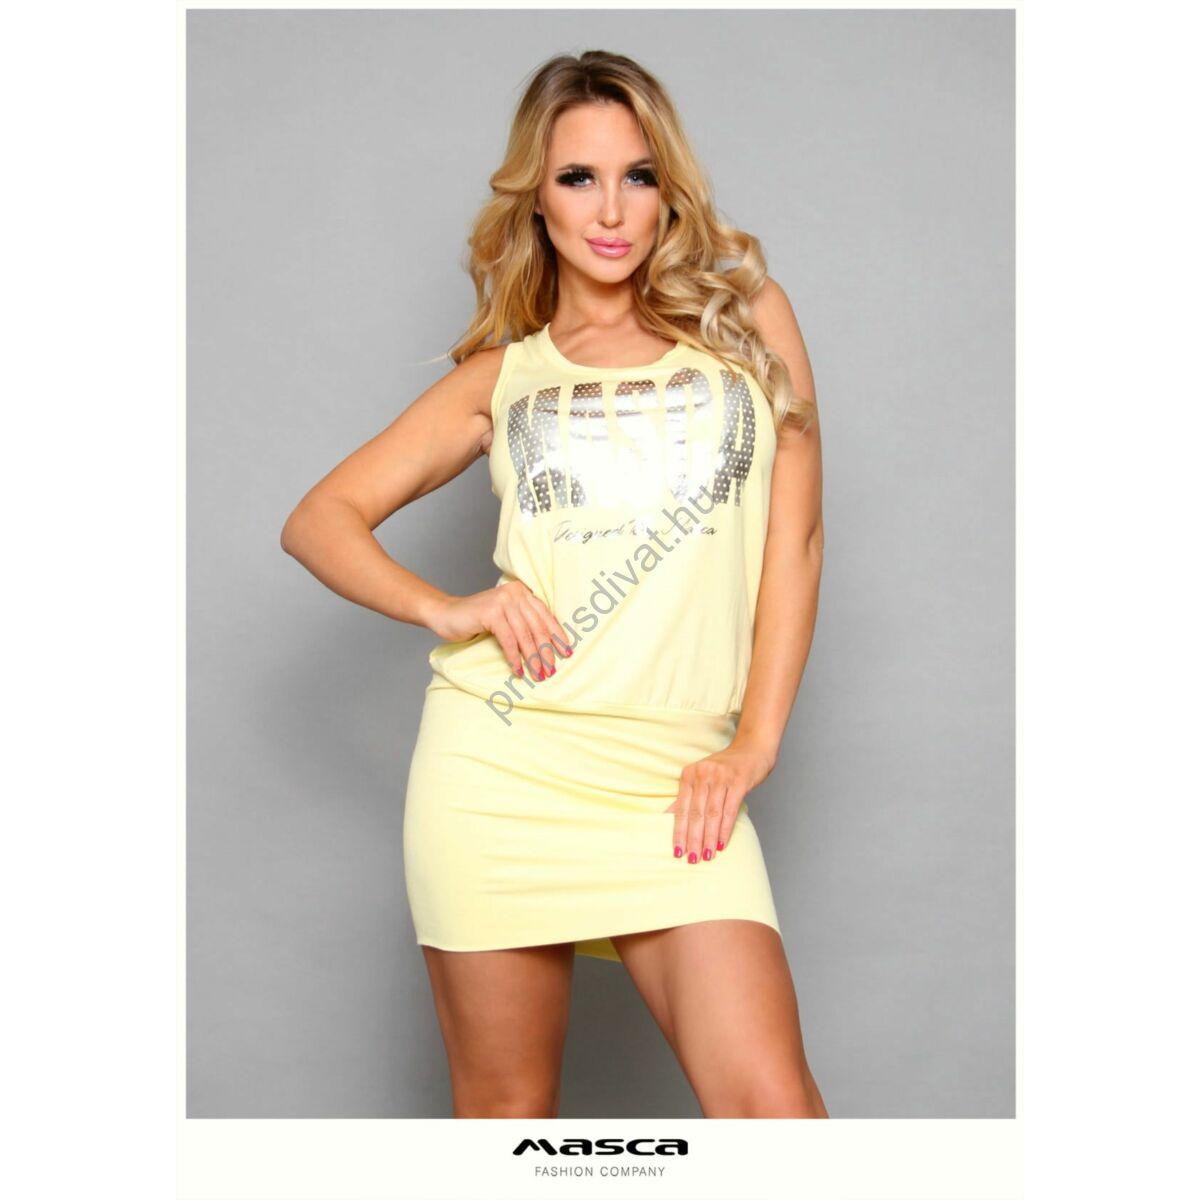 Masca Fashion trikópántos sárga viszkóz ujjatlan miniruha, szűkebb szoknyarésszel, pöttyös ezüst márkafelirattal